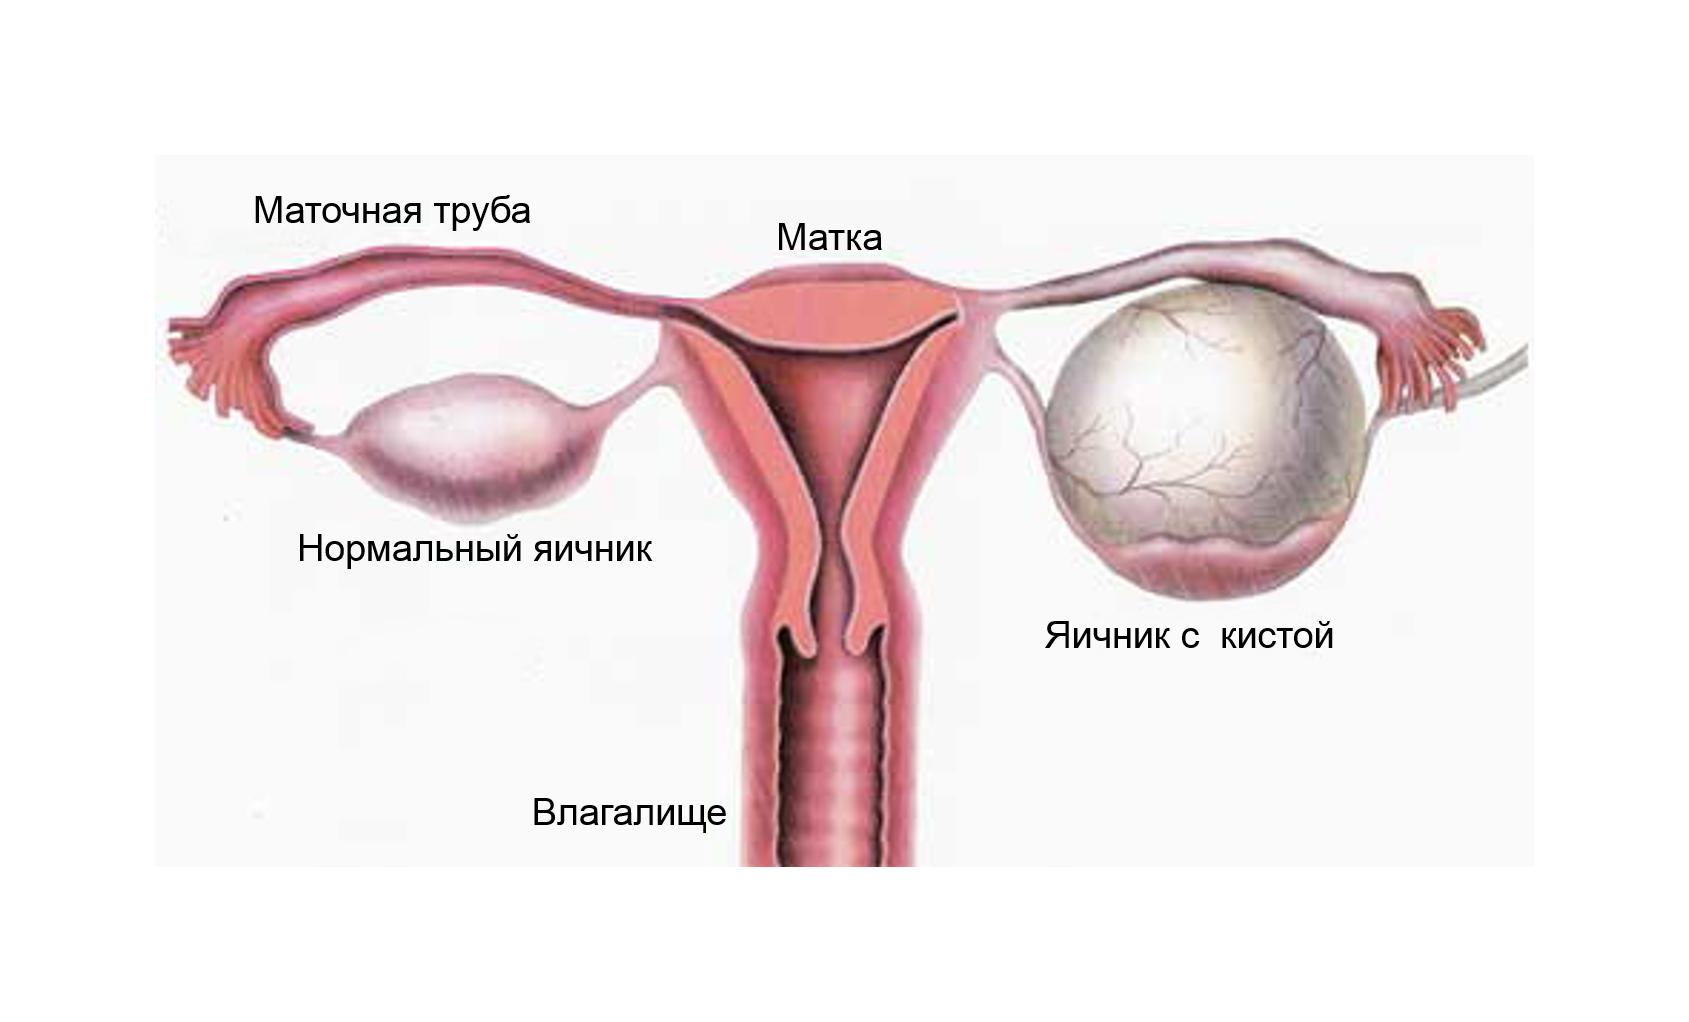 Почемупосле долго отсутствия секса болят яичники 5 фотография